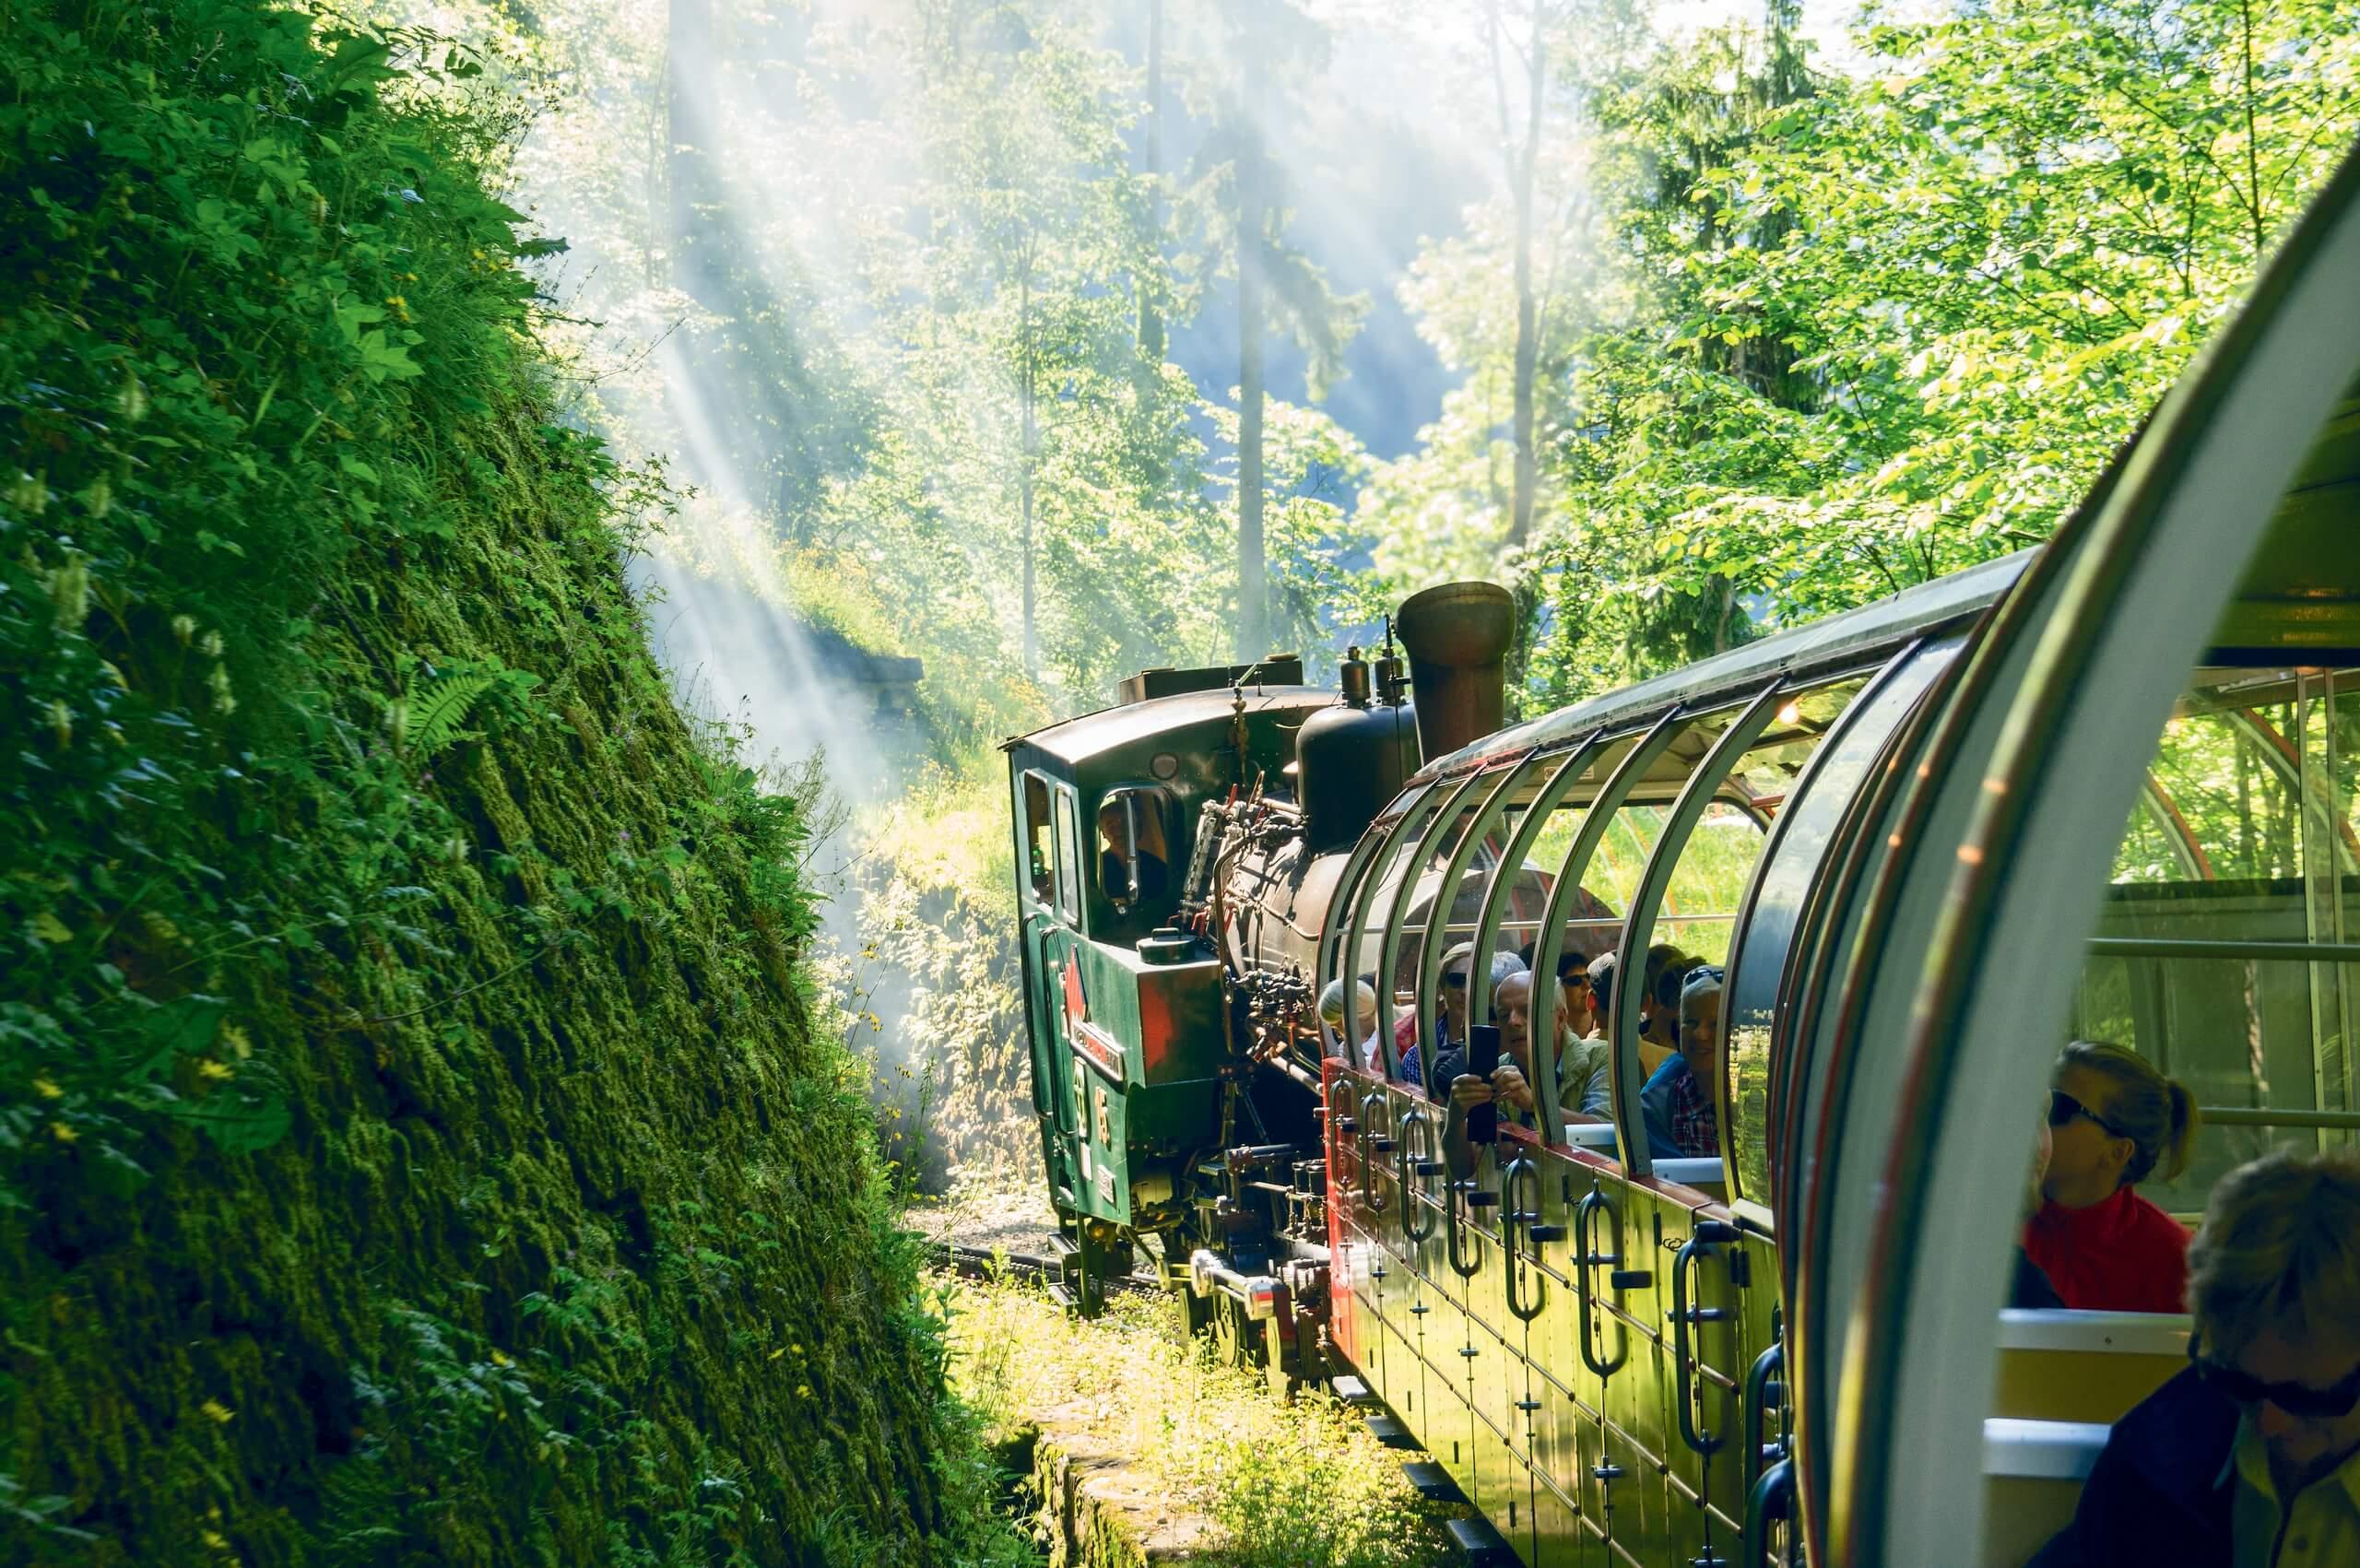 brienzer-rothornbahn-bergbahn-dampfbahn-sommer